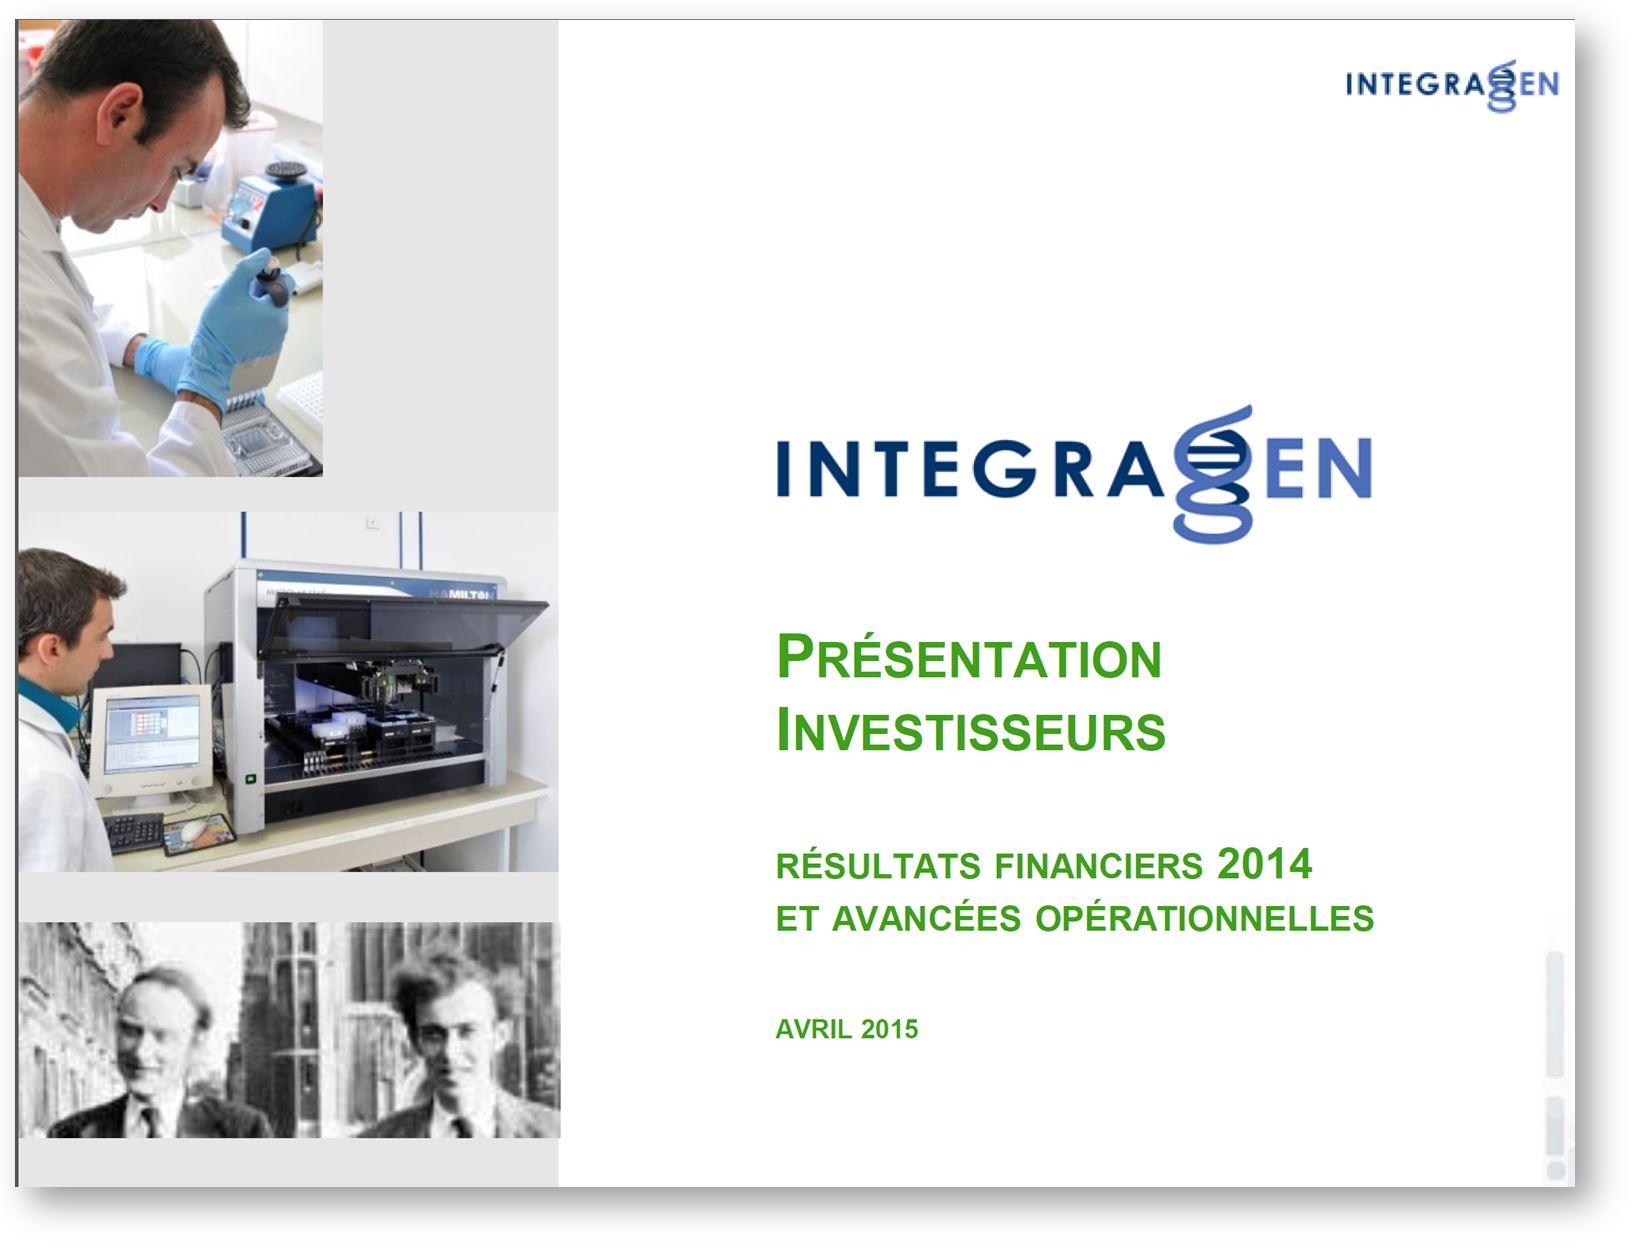 Integragen presentation investisseurs avril 2015 francais